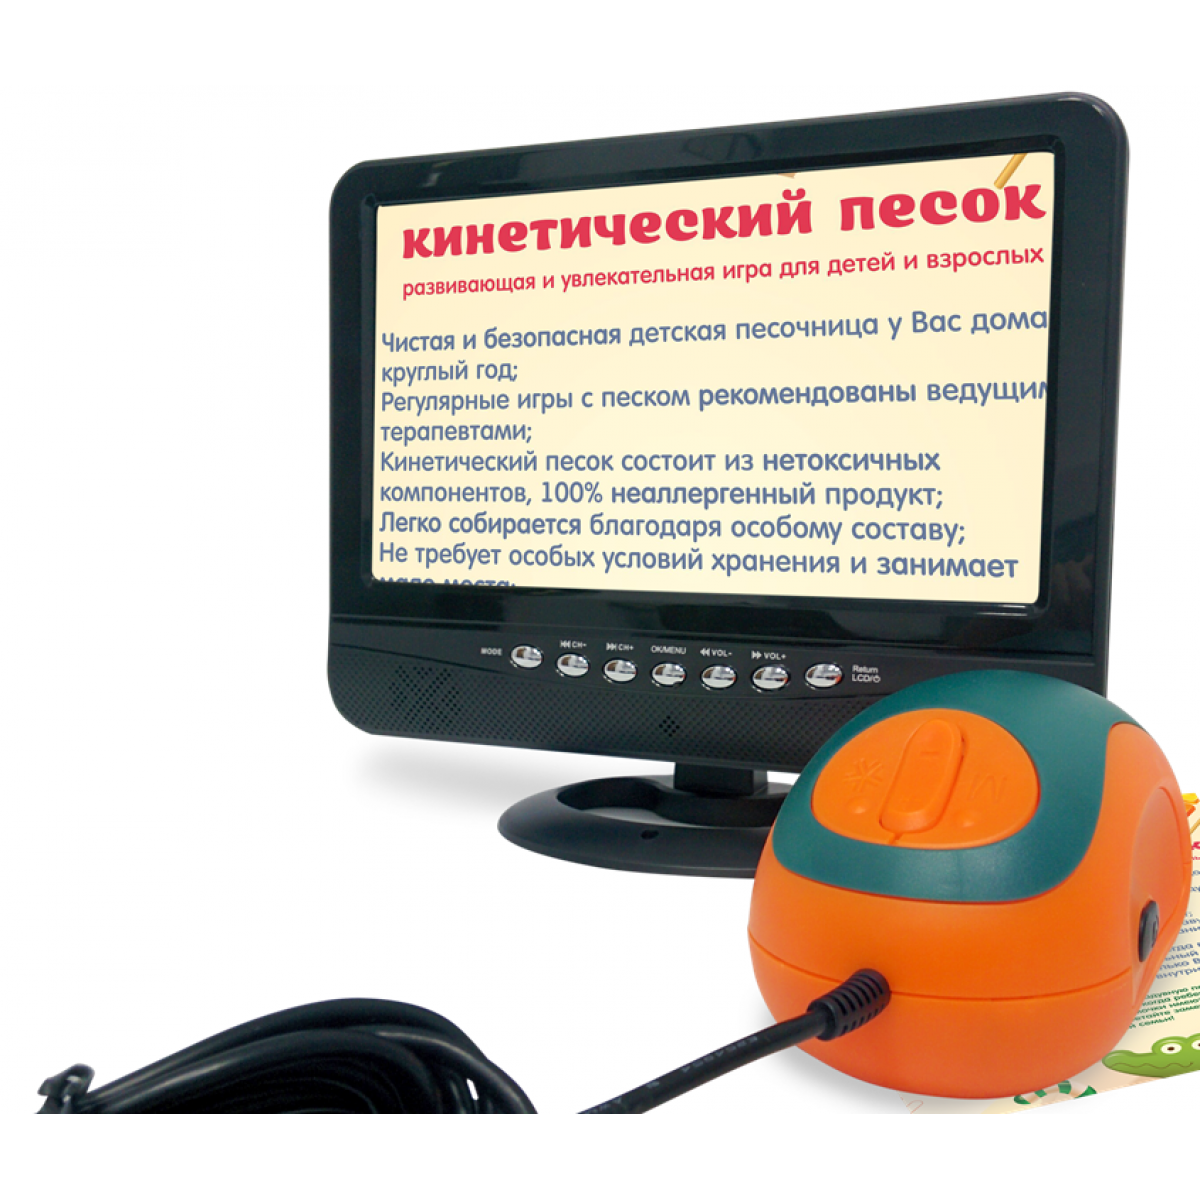 ЭРВУ VideoMouse в комплекте с ТВ-дисплеем